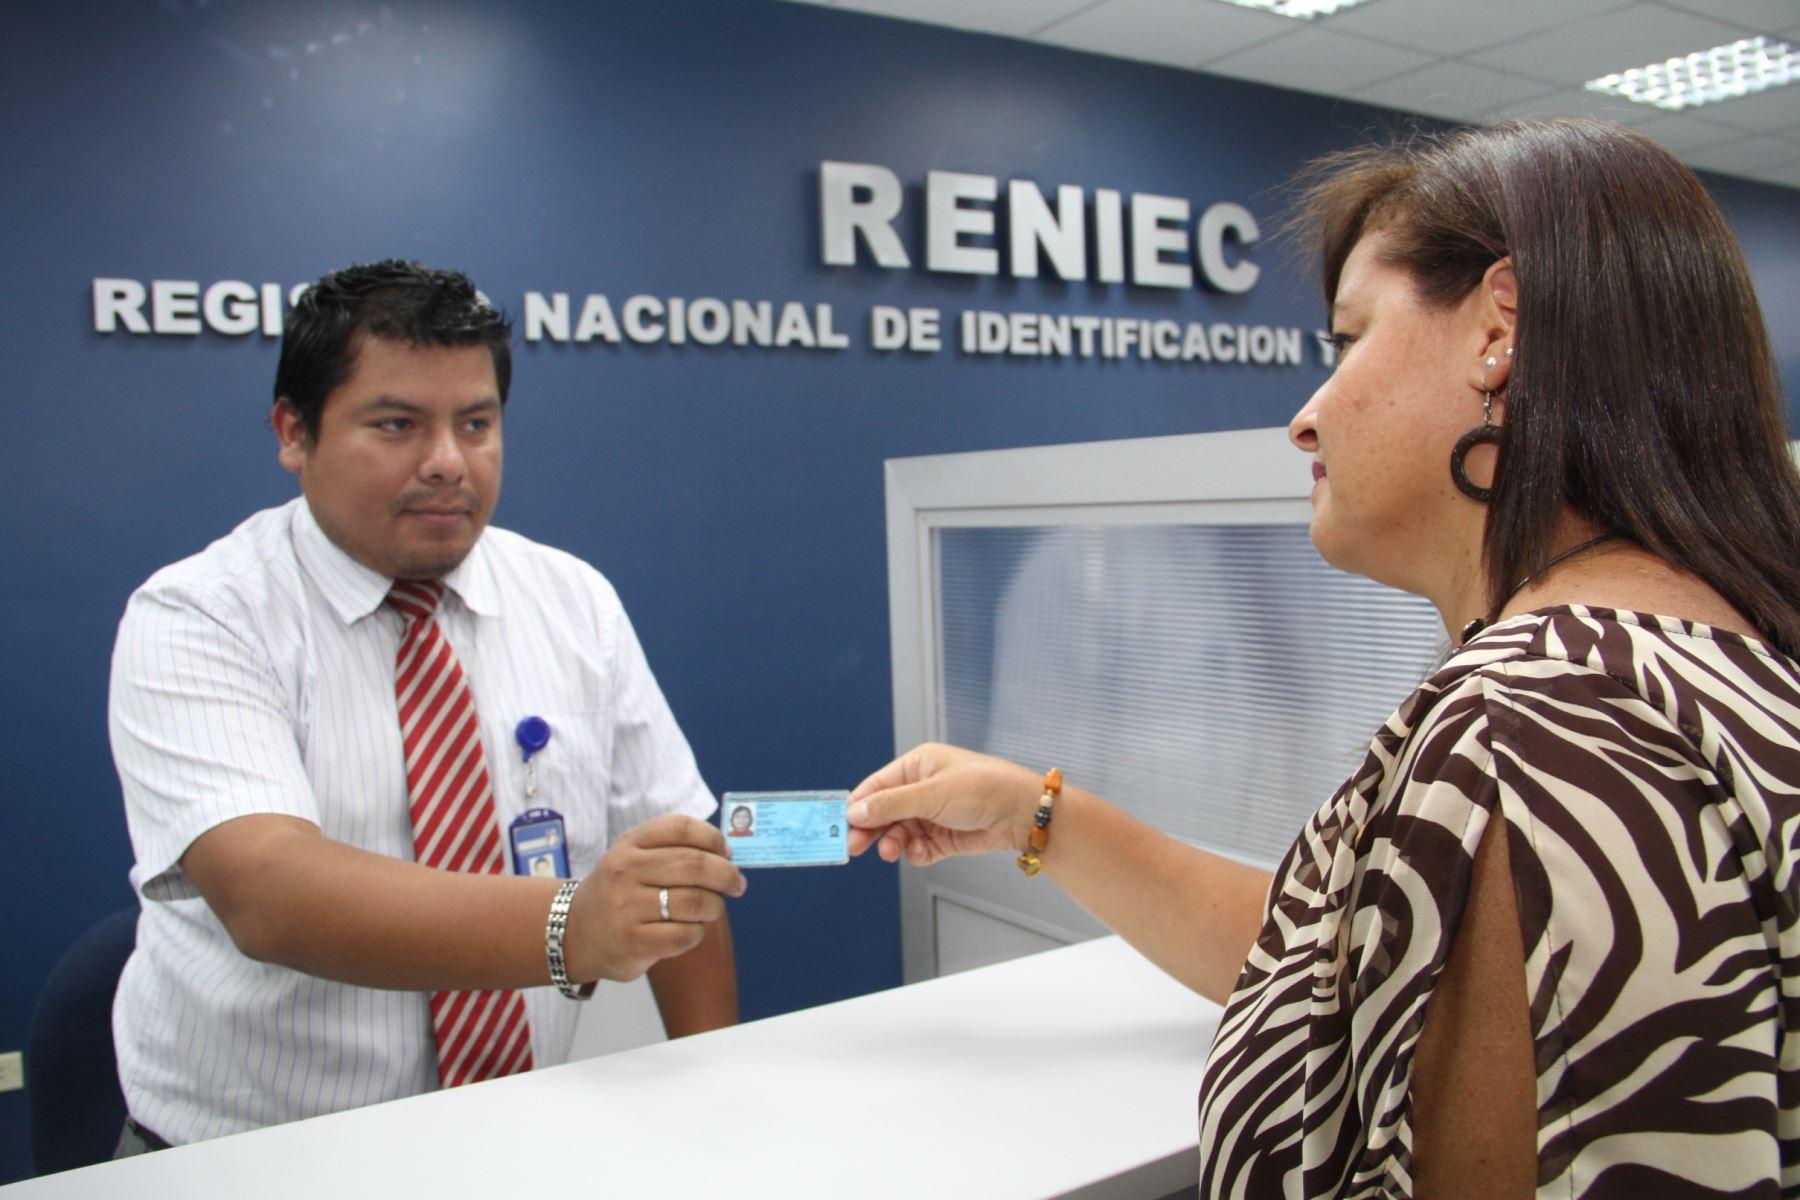 Reniec apoyará capacitación de registradores de Honduras. Foto: ANDINA/Difusión